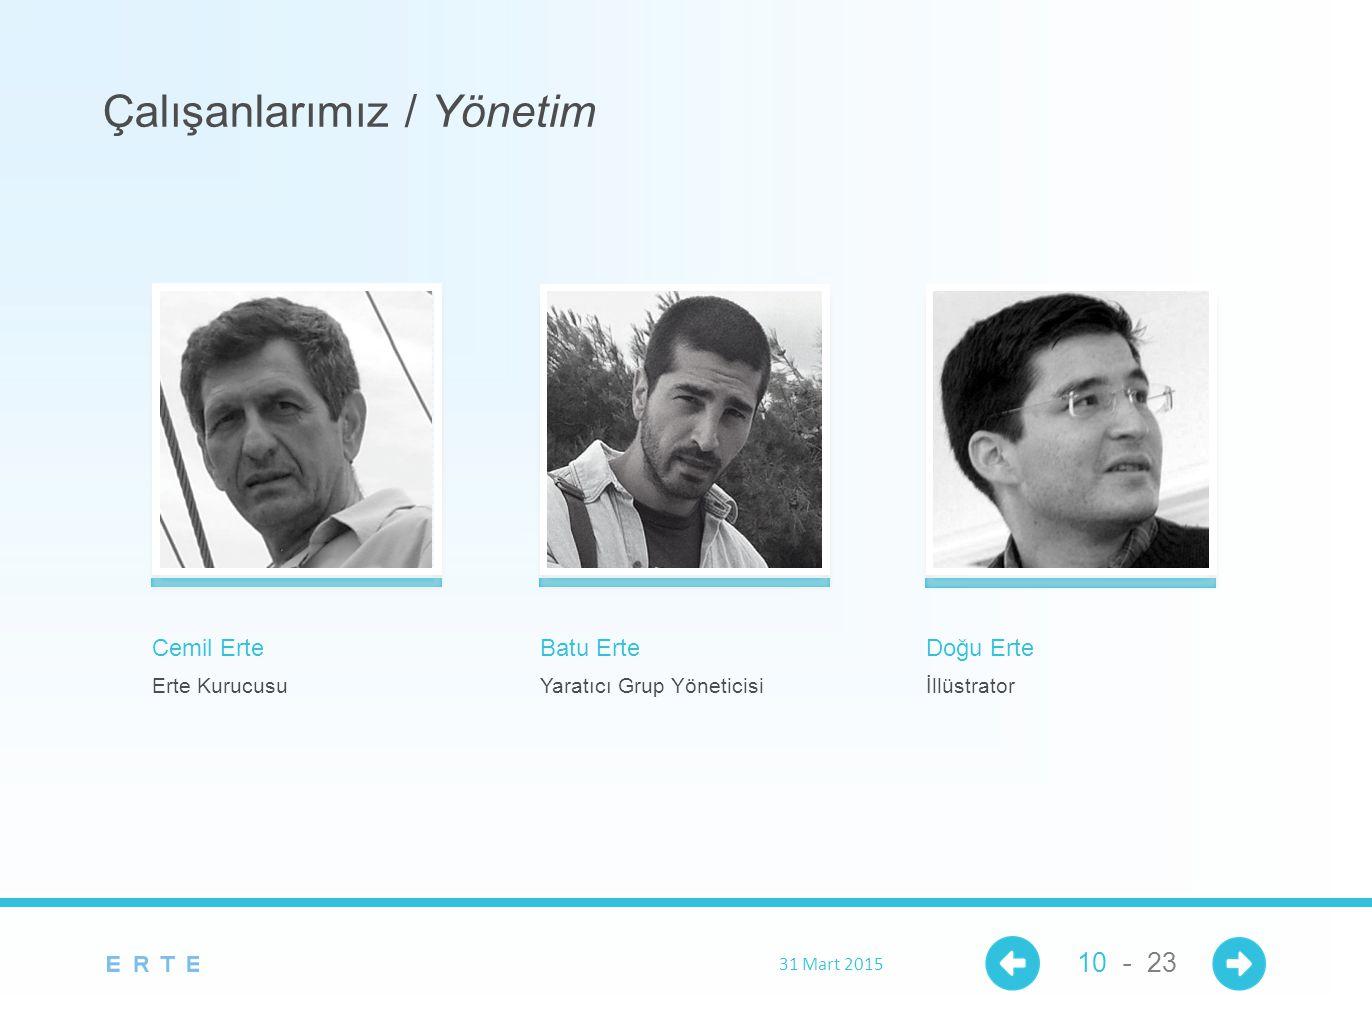 Cemil Erte Erte Kurucusu Çalışanlarımız / Yönetim Batu Erte Yaratıcı Grup Yöneticisi Doğu Erte İllüstrator 31 Mart 2015 10 - 23